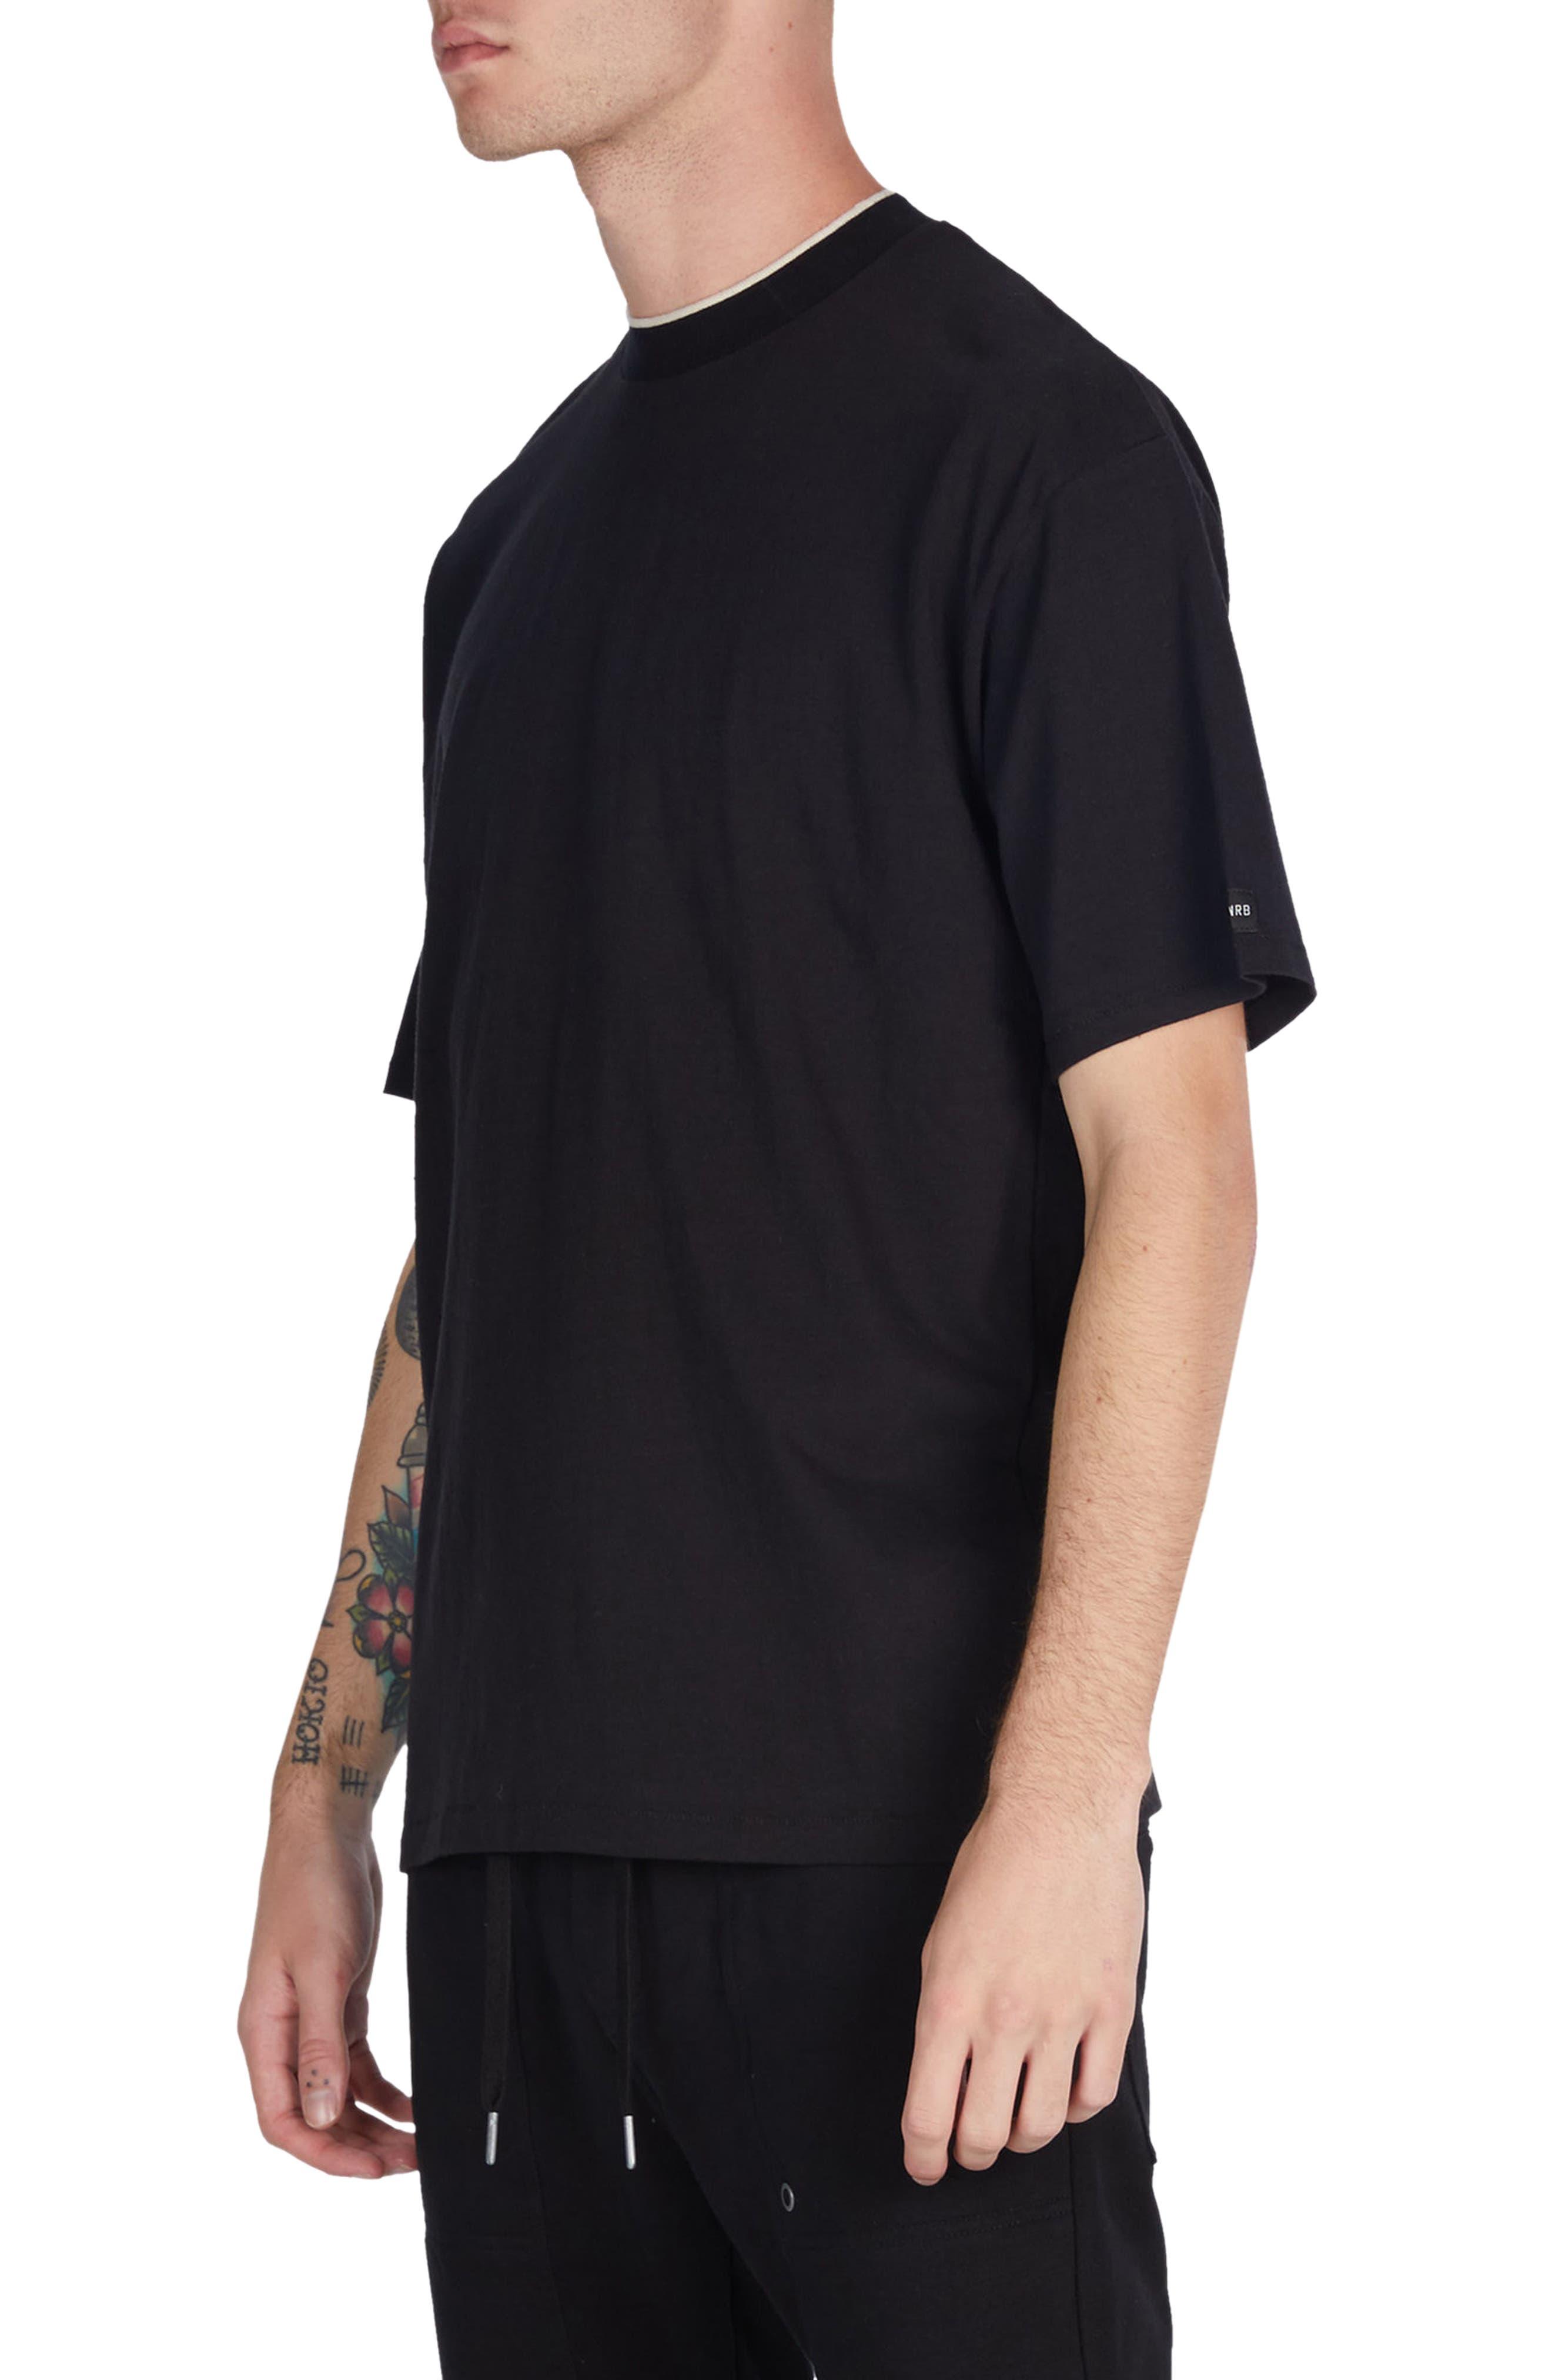 Tip Box T-Shirt,                             Alternate thumbnail 4, color,                             Black